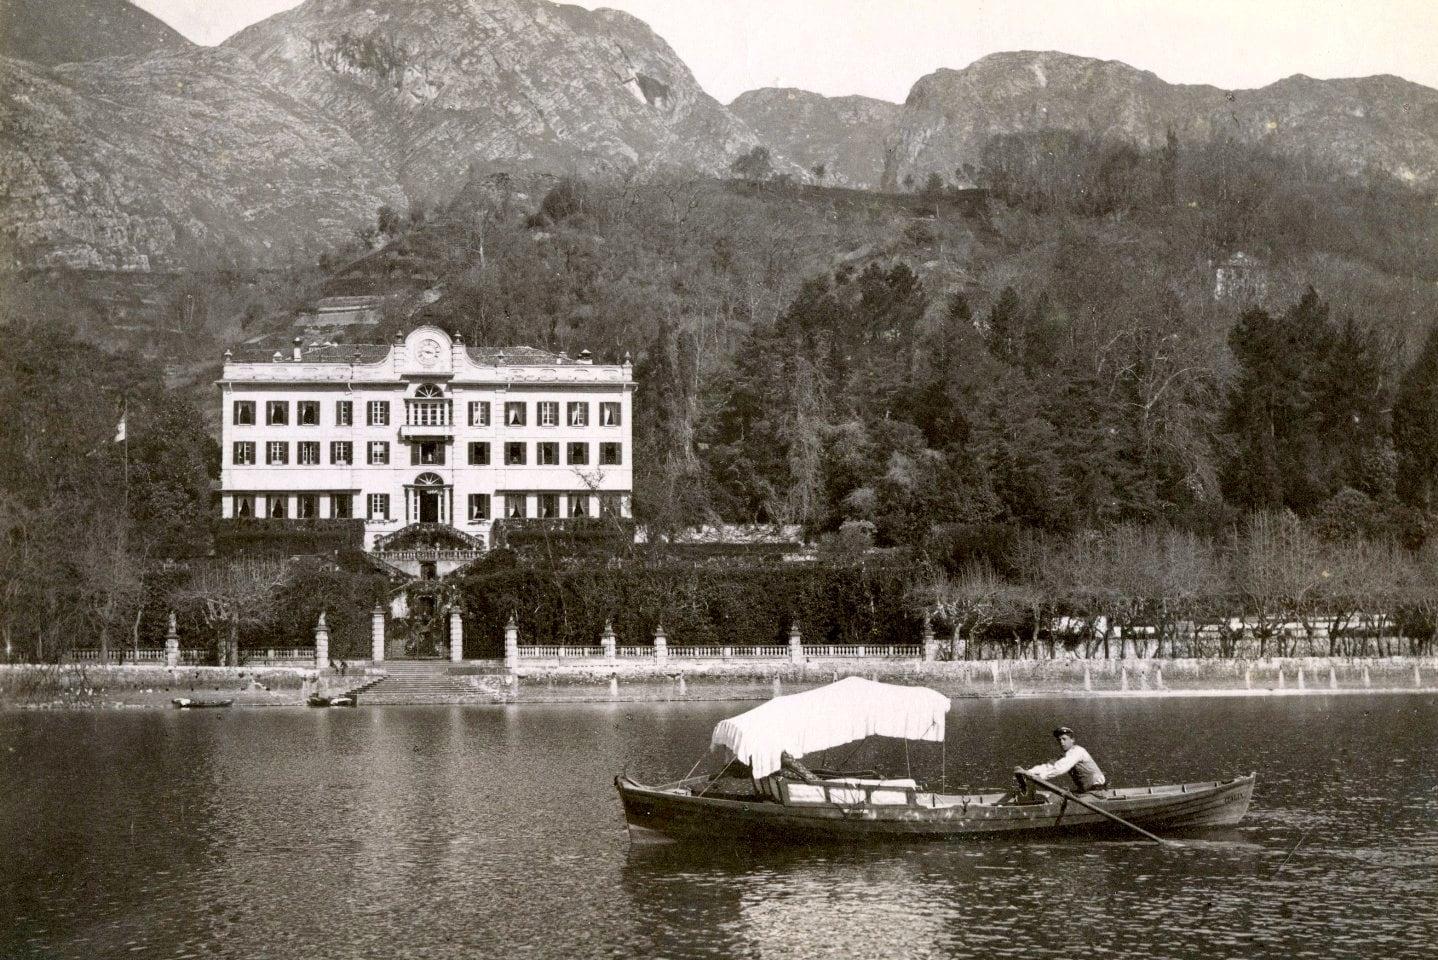 Carlo Bosetti, Tremezzo, Villa Carlotta, albumina, 1890 c.a.-2